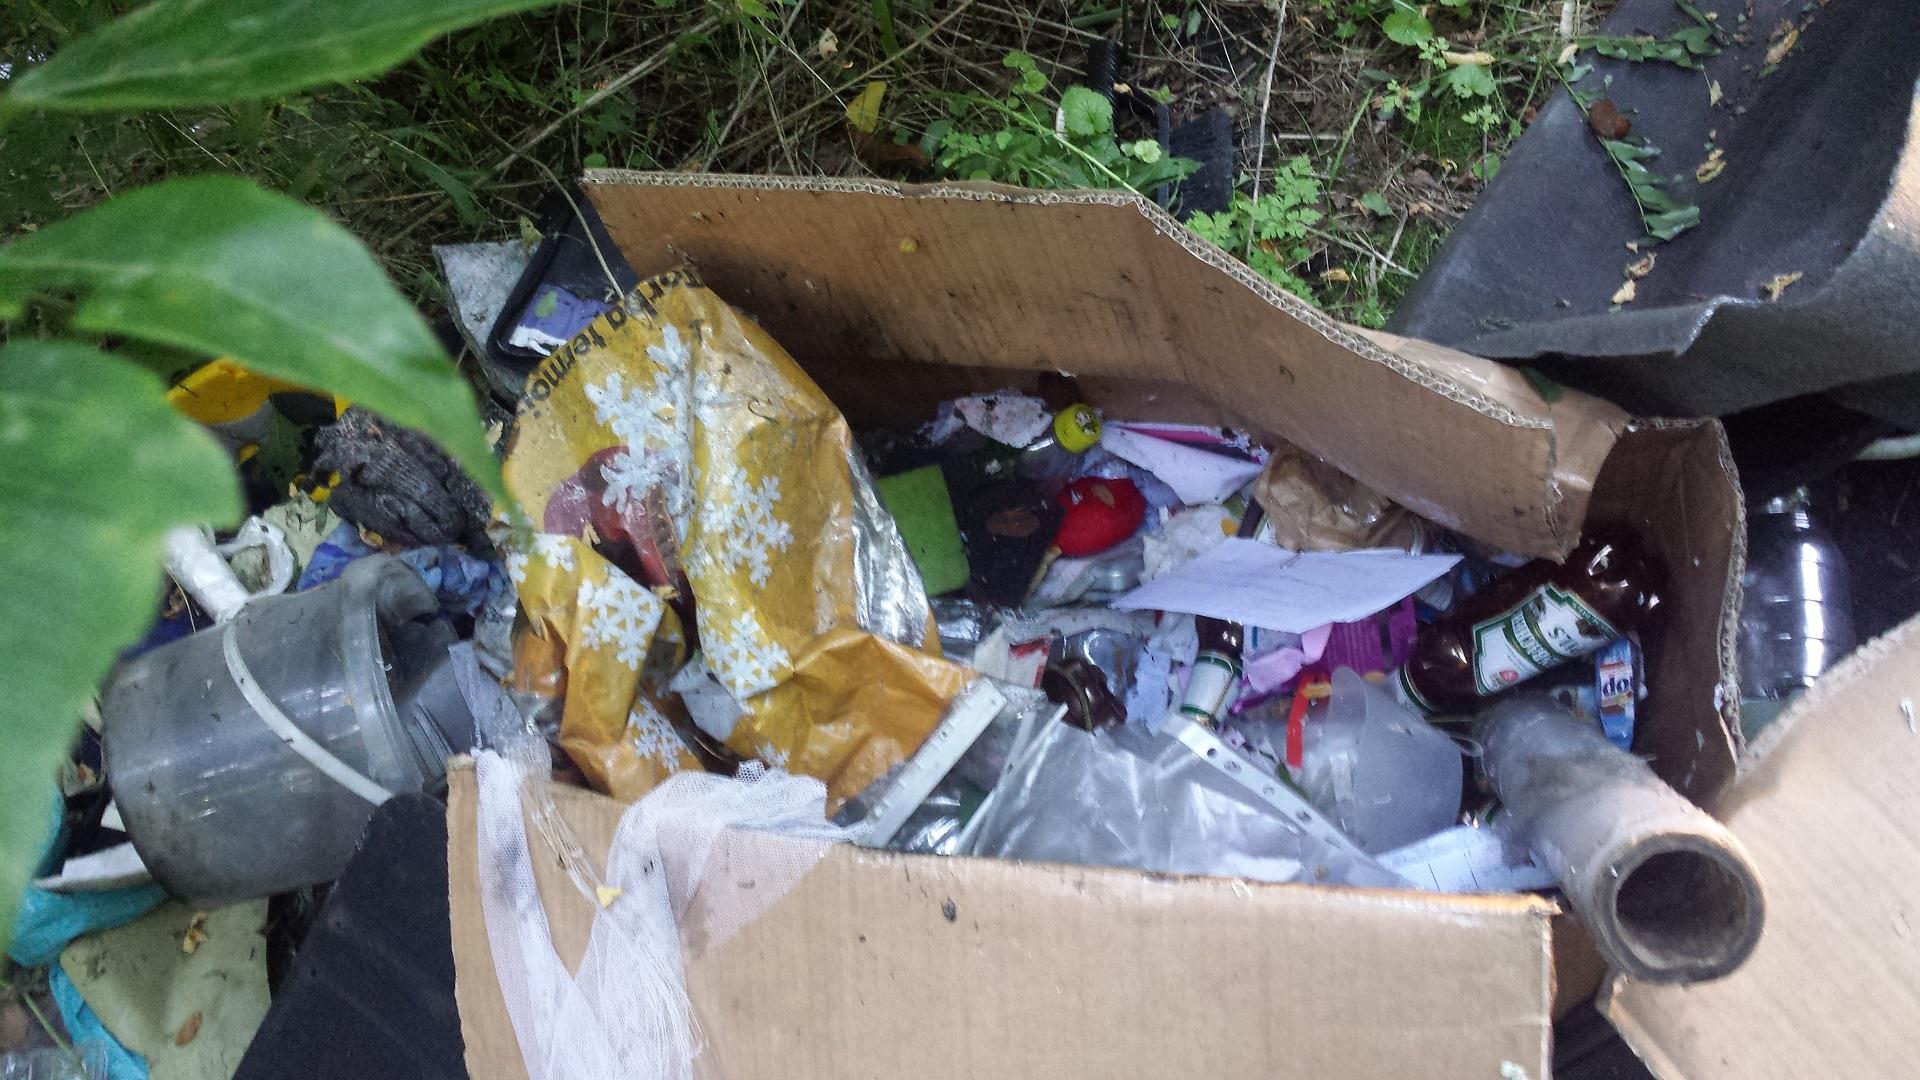 odpady-porzucone-na-drodze-dojazdowej-do-fortu-va-przy-ul-lechickiej,pic1,1002,109030,175126,show2